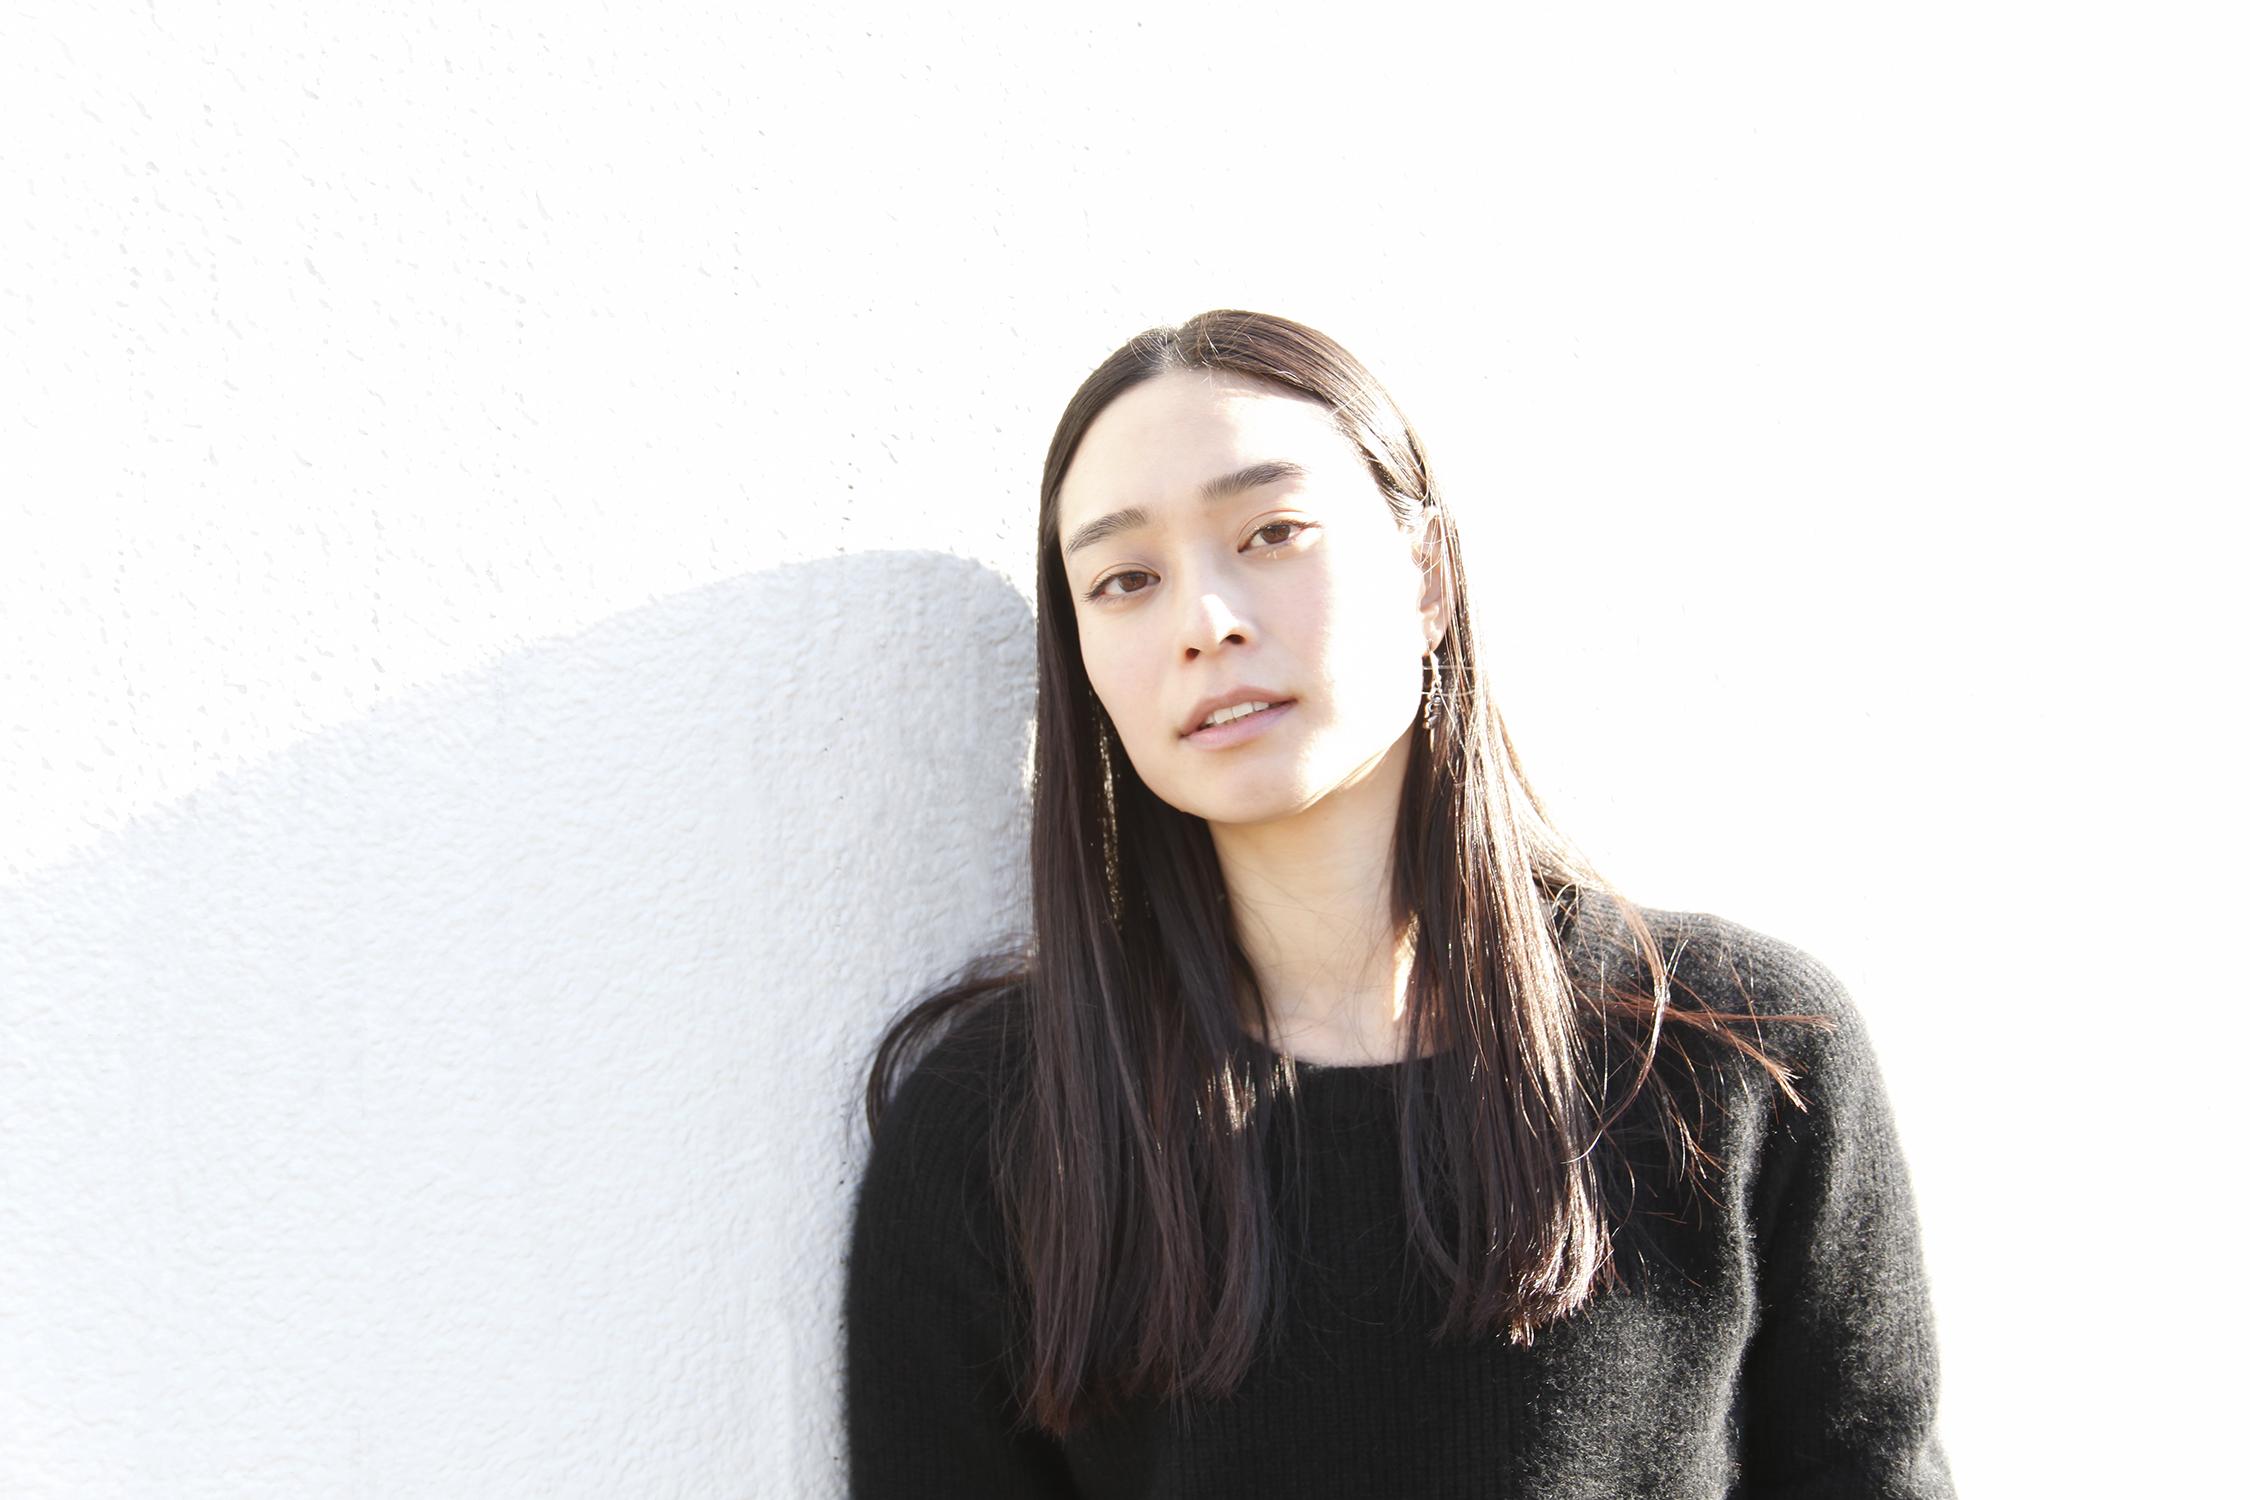 Hana Ataka_model_P2-1